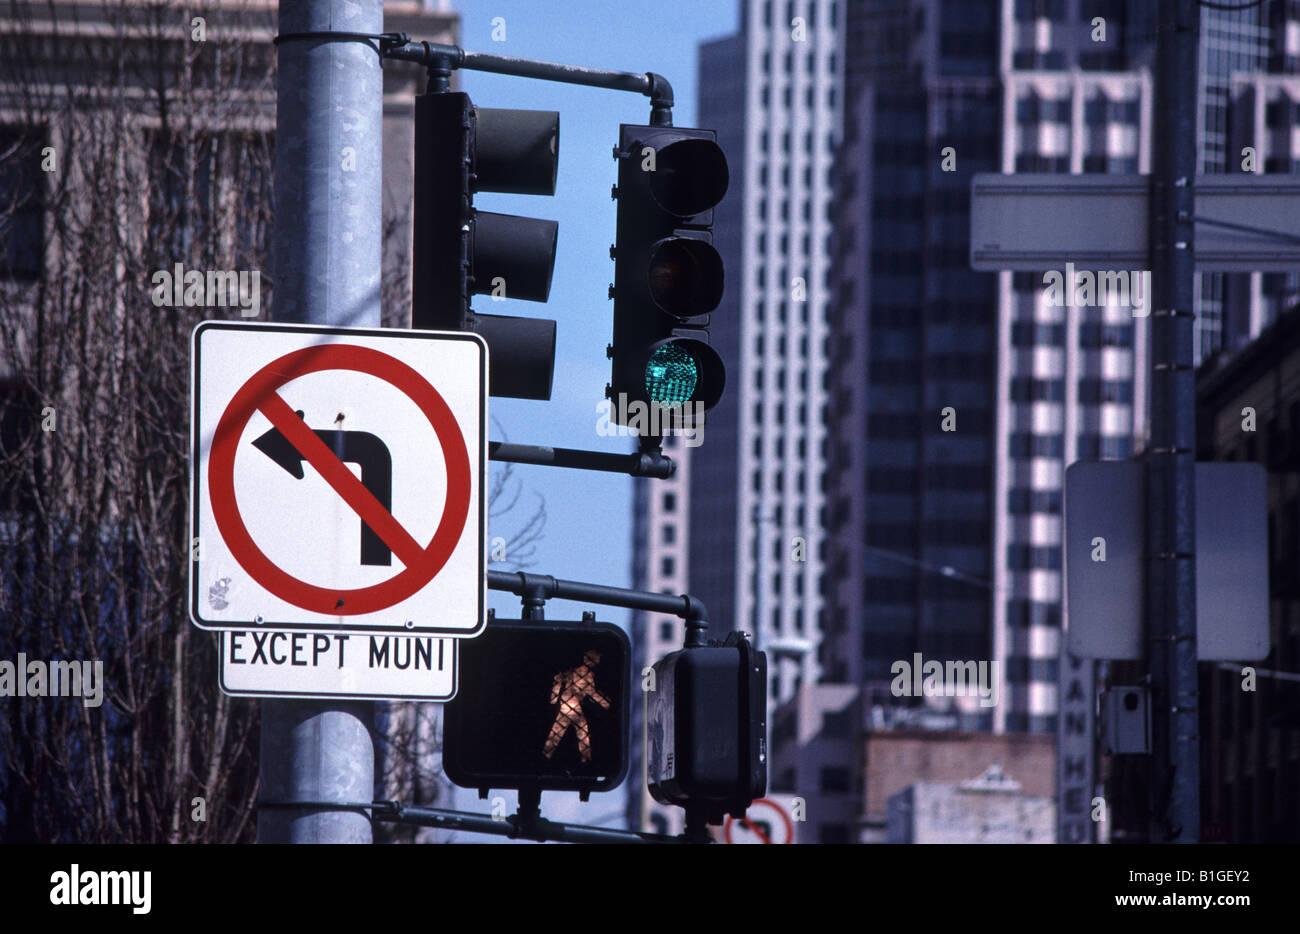 Aucun feu de circulation et tournez à gauche à l'exception des autobus signer à San Francisco Photo Stock